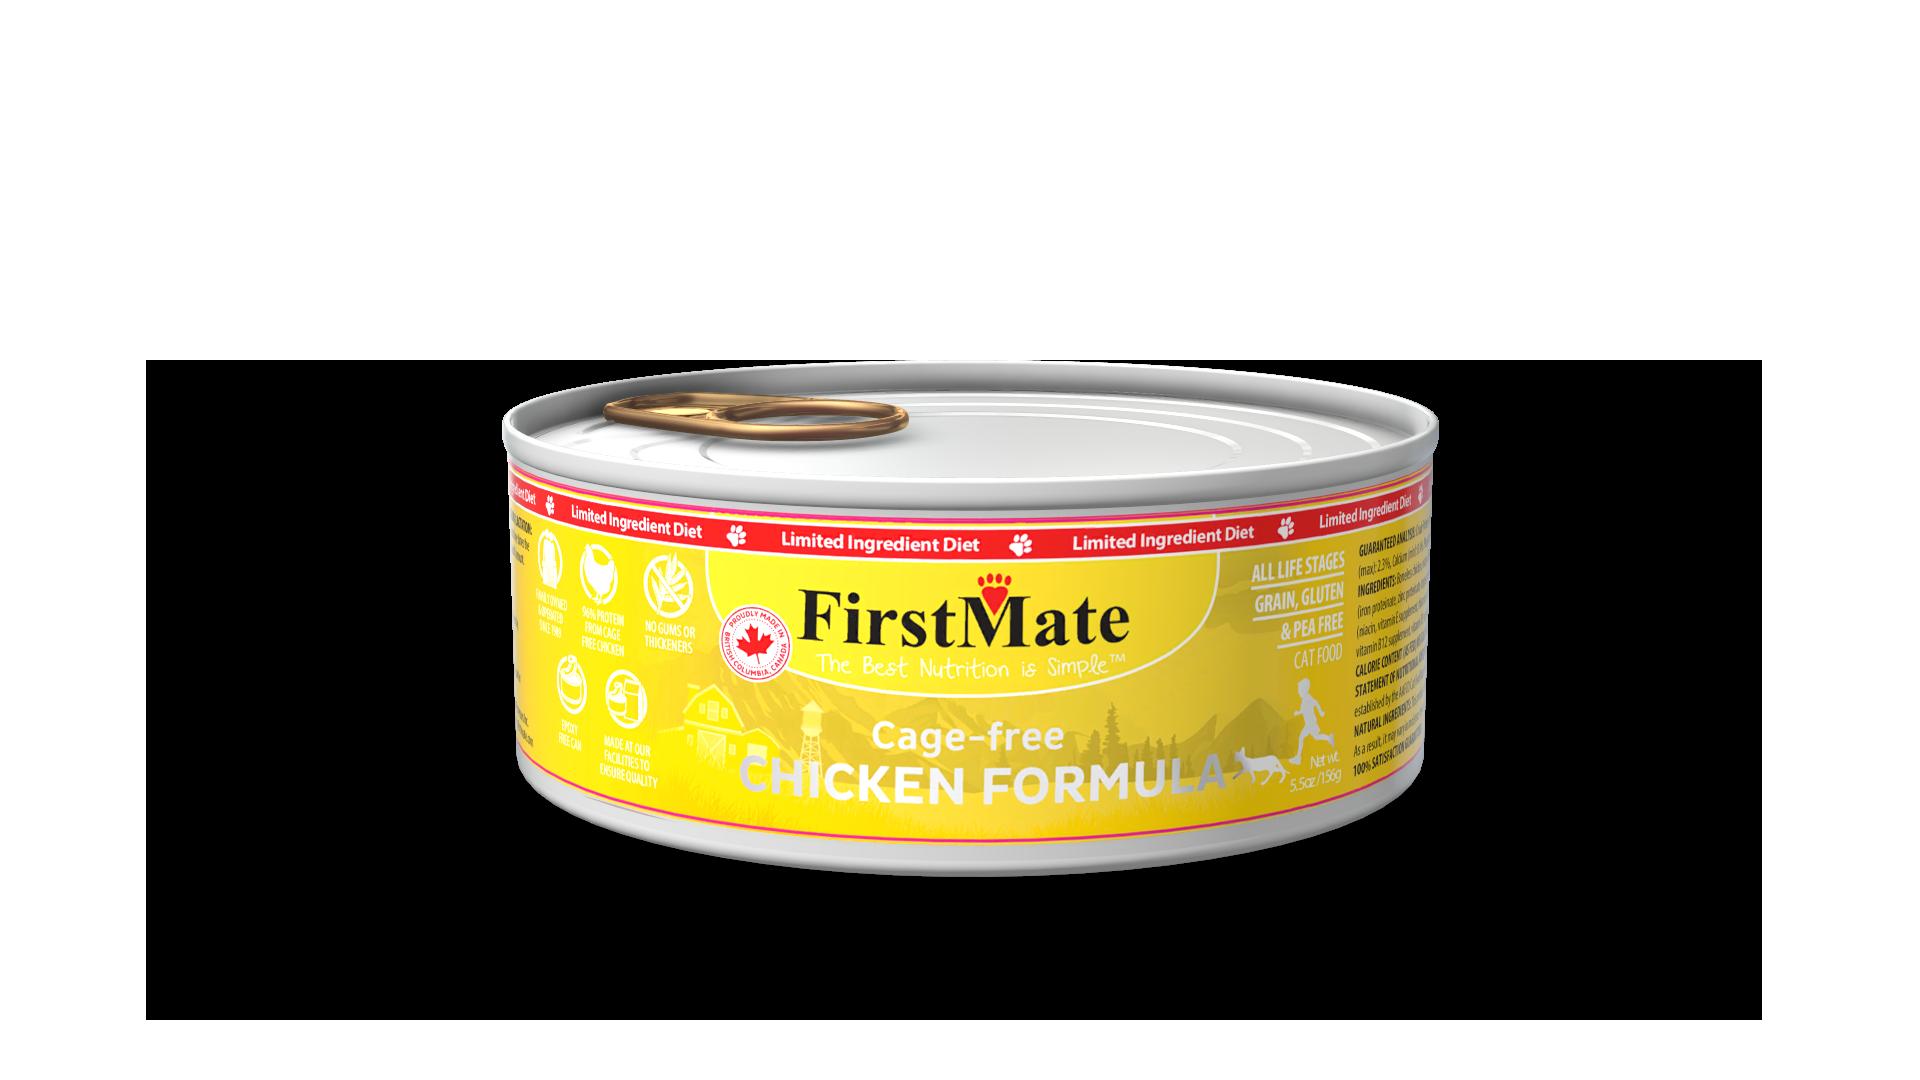 FirstMate FirstMate Limited Ingredient Diet Free Run Chicken Wet Cat Food